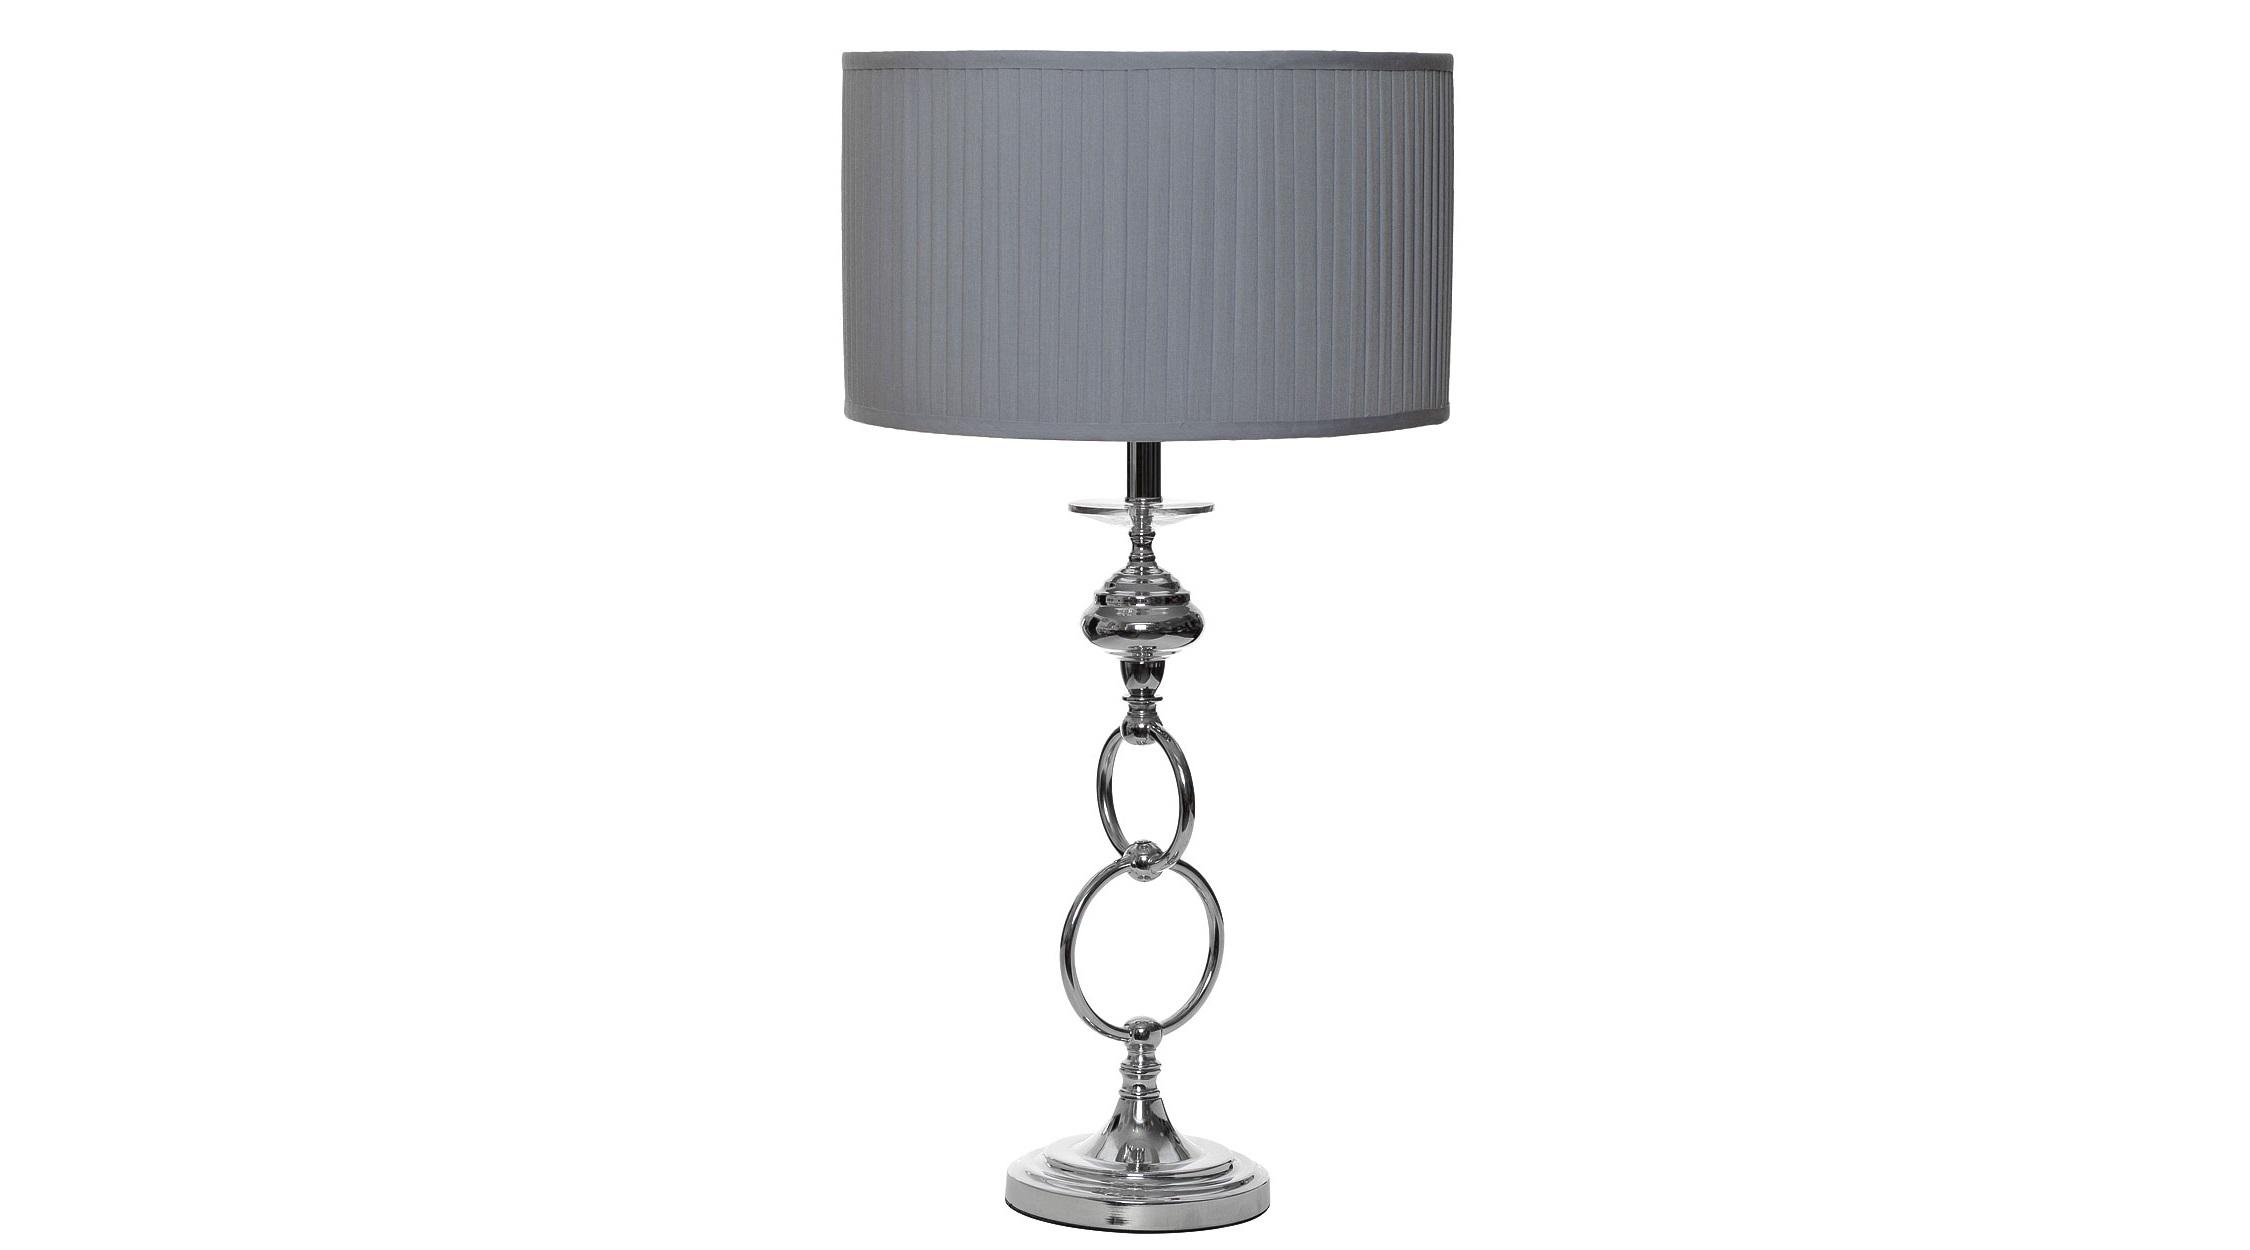 Лампа настольнаяДекоративные лампы<br>Такая лампа станет великолепным дополнением кабинета утонченного эстета. Она заворожит его контрастным сочетанием классического плиссированного абажура и ножки необычной формы. Строгость дизайна в американском стиле разбавят сплетающиеся между собой кольца. Не выходя за рамки, оформление бра обретает изюминку.&amp;lt;div&amp;gt;&amp;lt;br&amp;gt;&amp;lt;/div&amp;gt;&amp;lt;div&amp;gt;Материалы: плафон - ткань, ножка - металл с никелированным покрытием.&amp;lt;/div&amp;gt;&amp;lt;div&amp;gt;Цвет: хром.&amp;lt;/div&amp;gt;&amp;lt;div&amp;gt;Цоколь: Е27.&amp;lt;/div&amp;gt;&amp;lt;div&amp;gt;Мощность: 60W.&amp;lt;/div&amp;gt;<br><br>Material: Металл<br>Ширина см: 40<br>Высота см: 81<br>Глубина см: 40